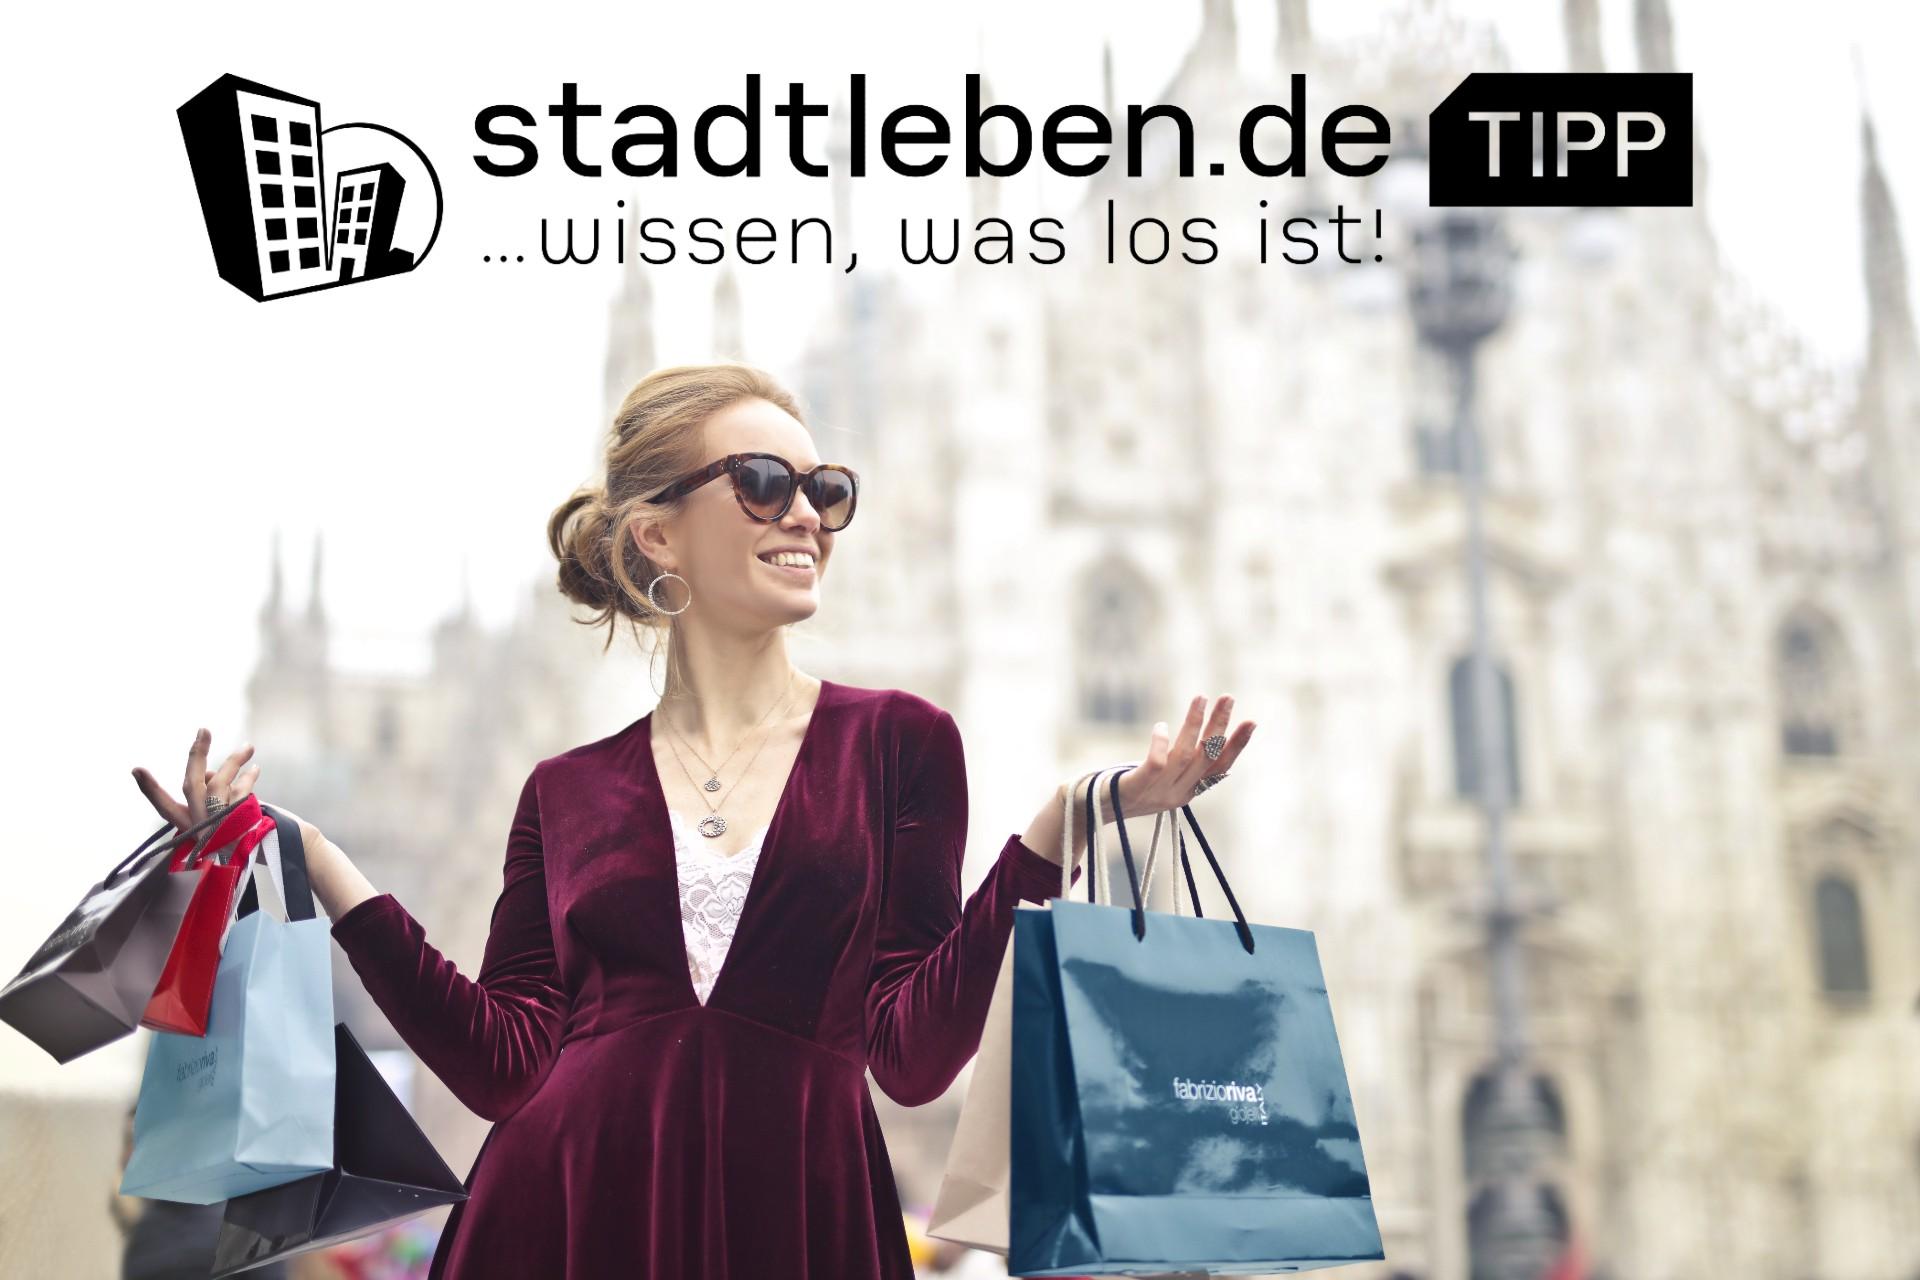 Taschen, Tüten, Frau, Kleid, Schmuck, Sonnenbrille